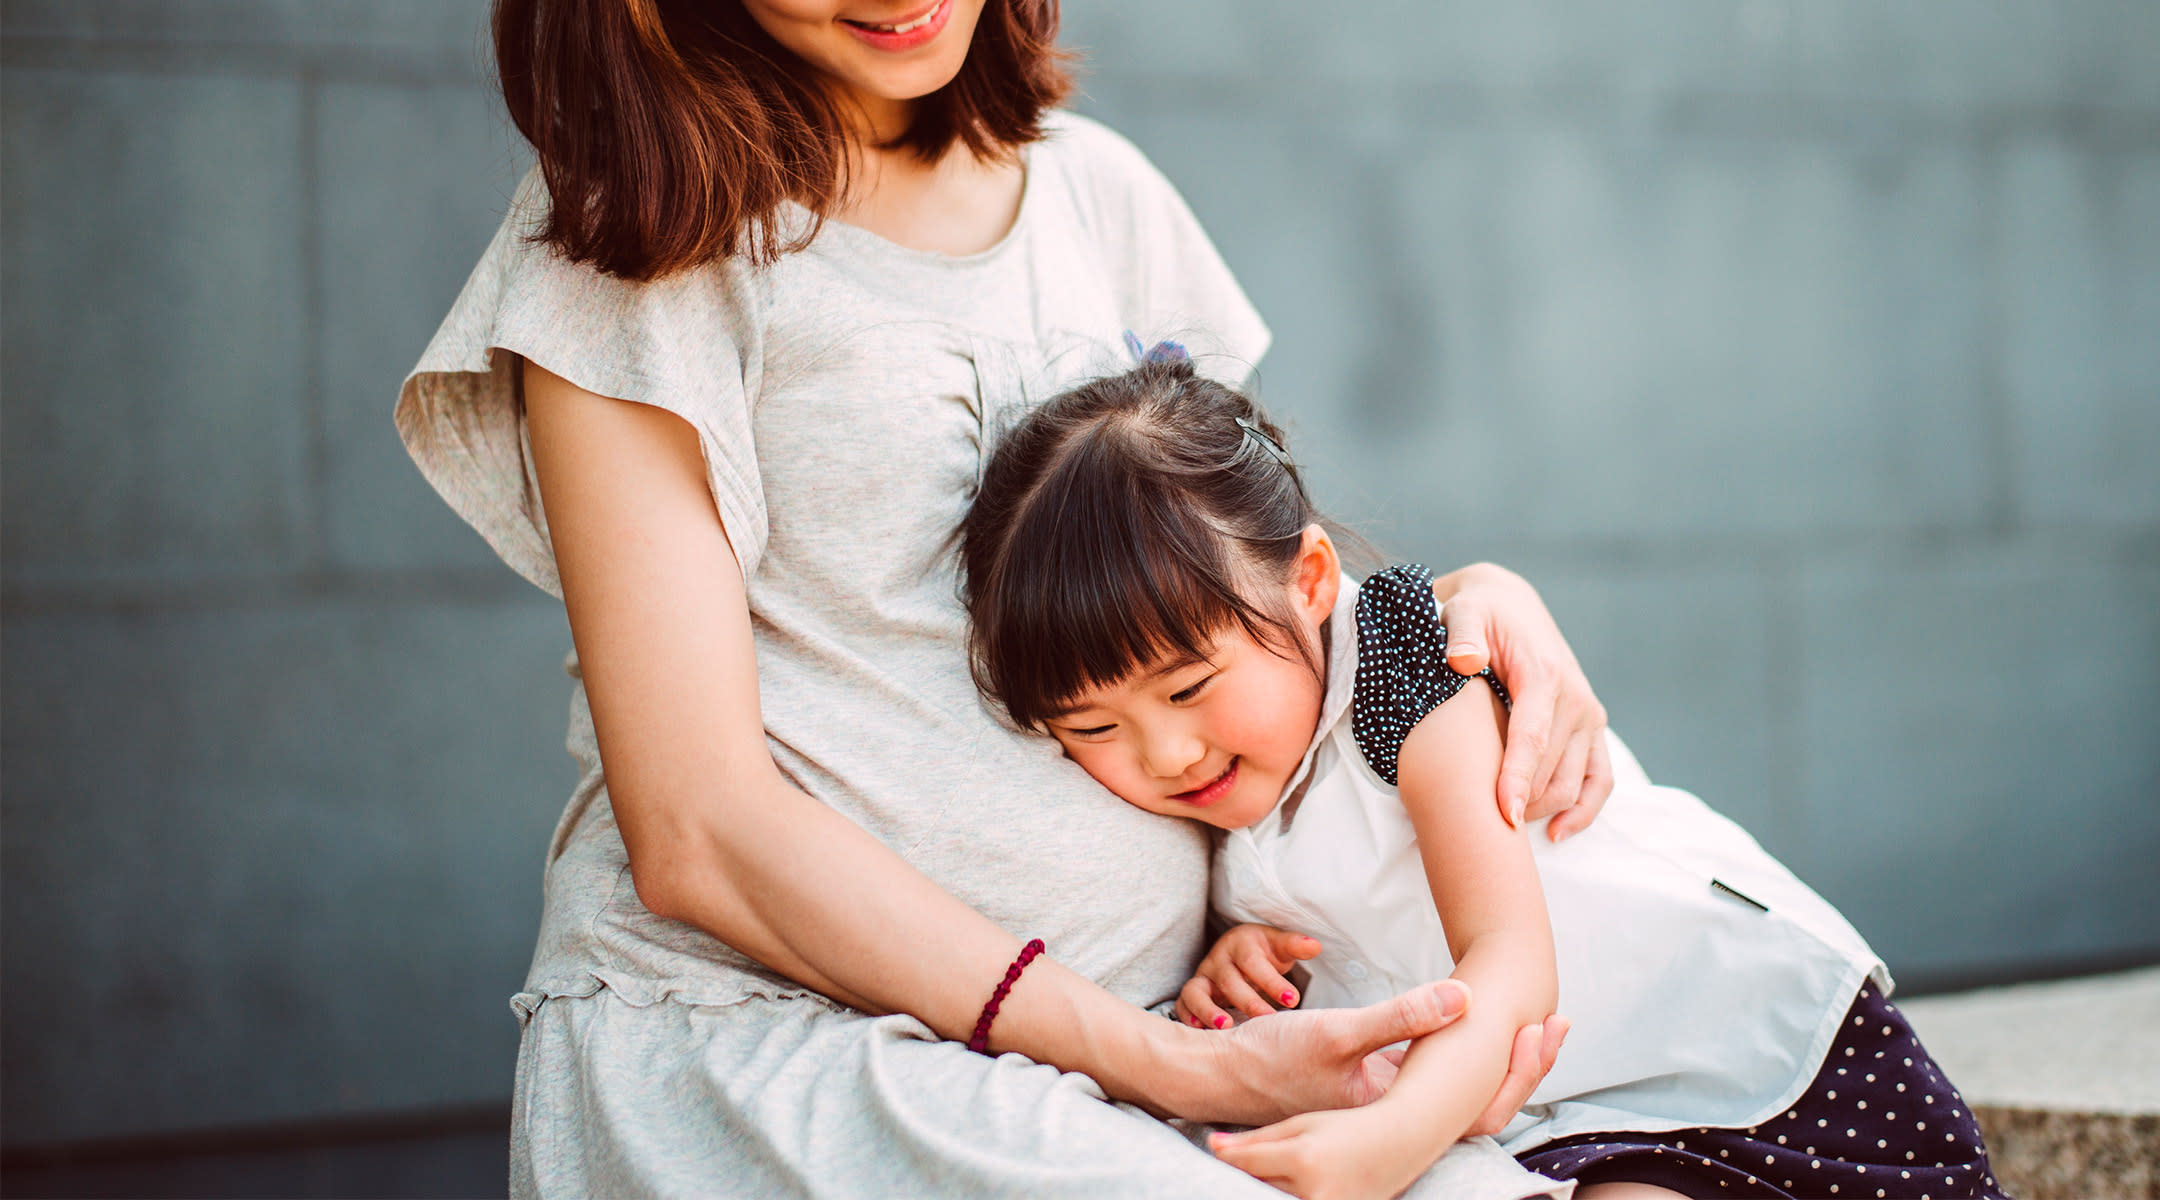 daughter hugging pregnant mom